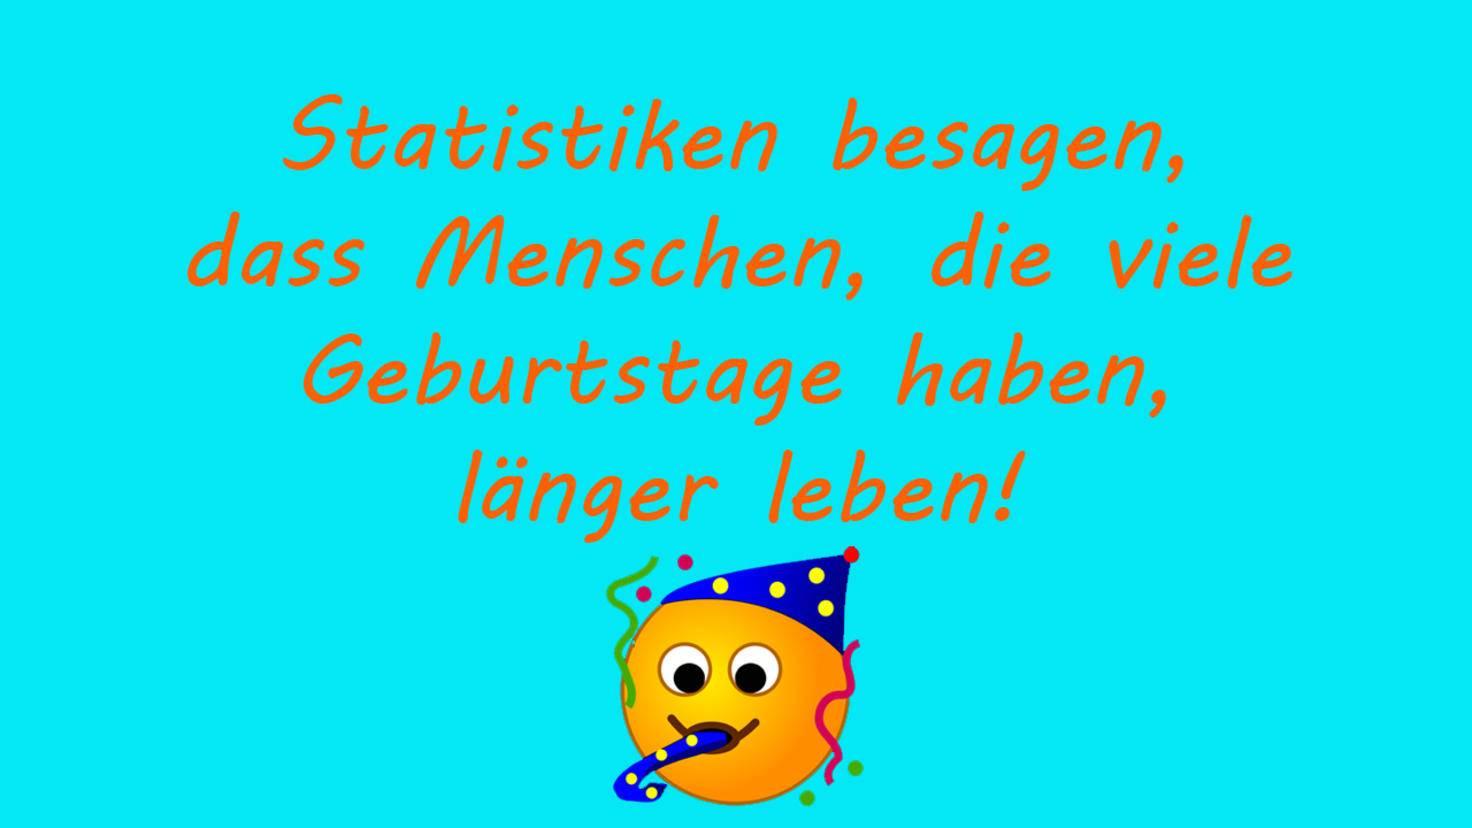 Whatapp Geburtstagsgrüsse